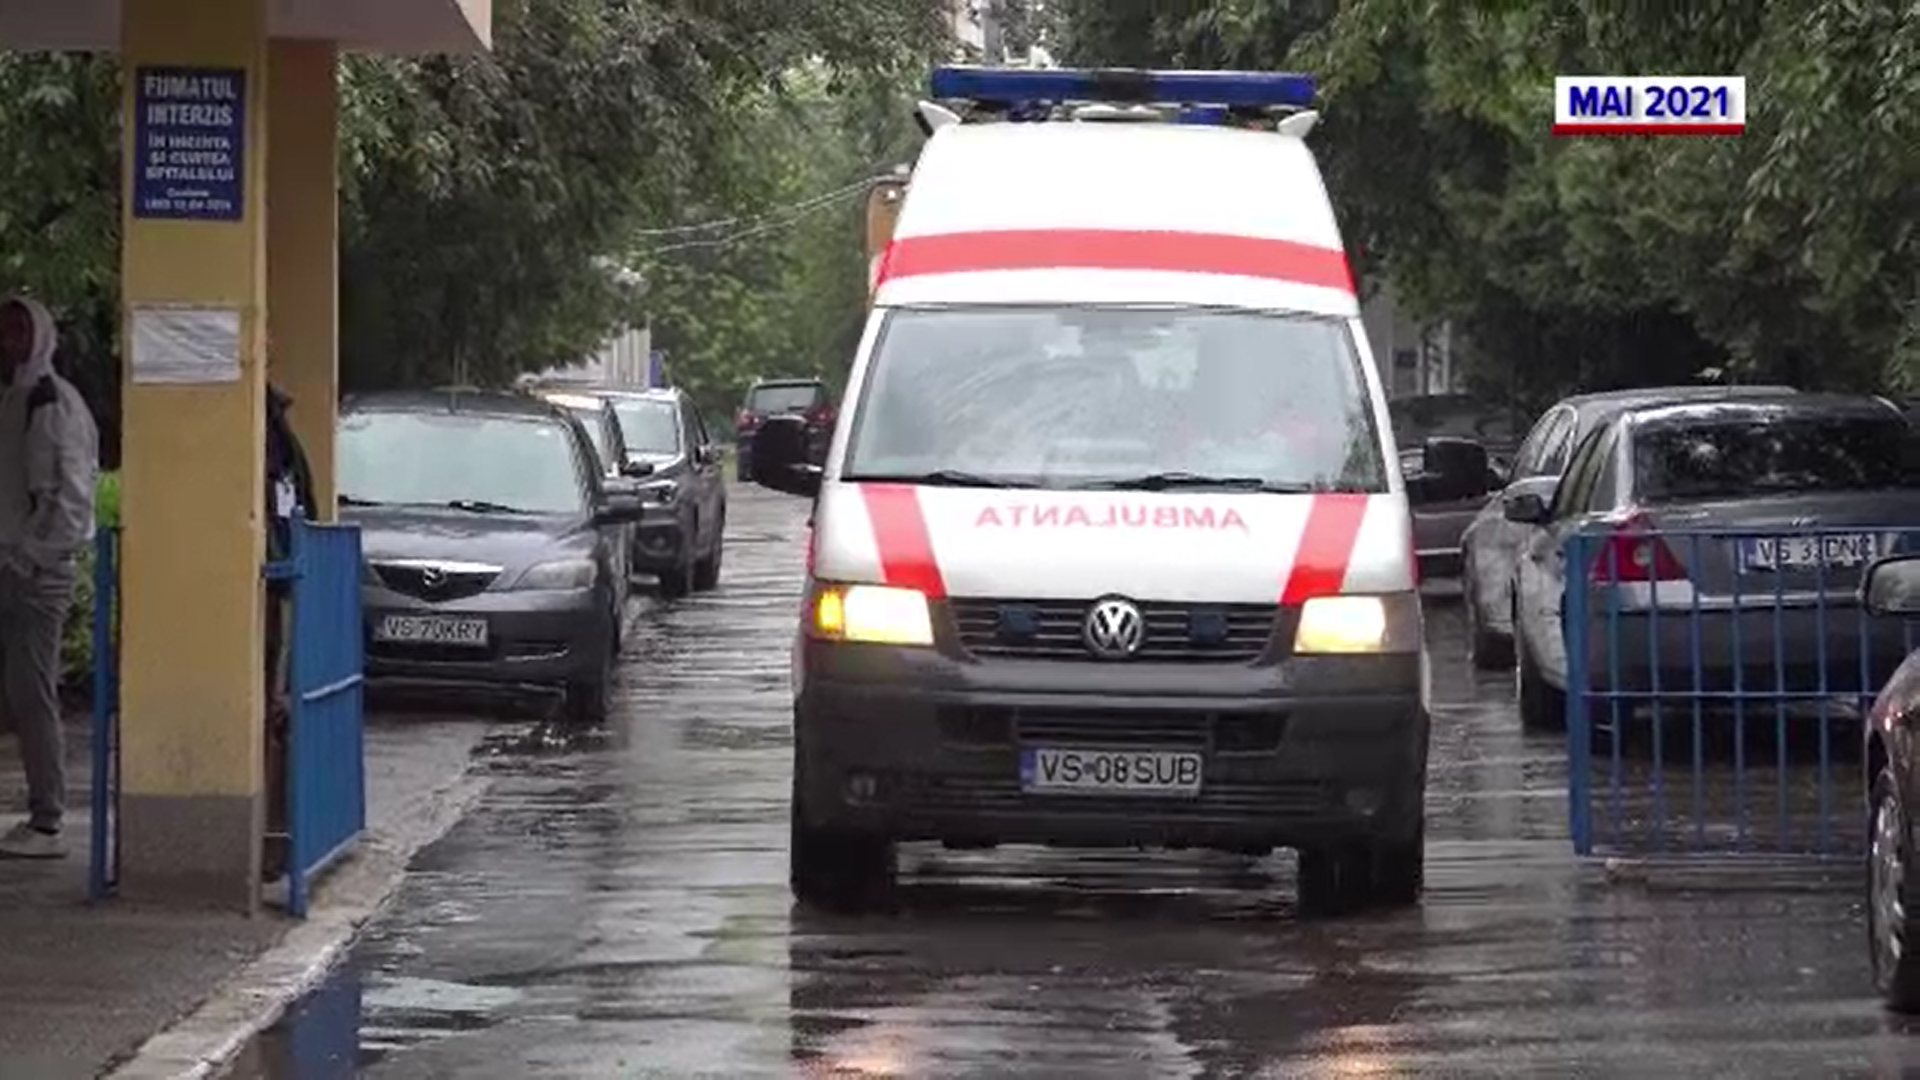 Un bărbat din Vaslui a fost condamnat la 10 ani de închisoare pentru că şi-a înjunghiat iubita însărcinată